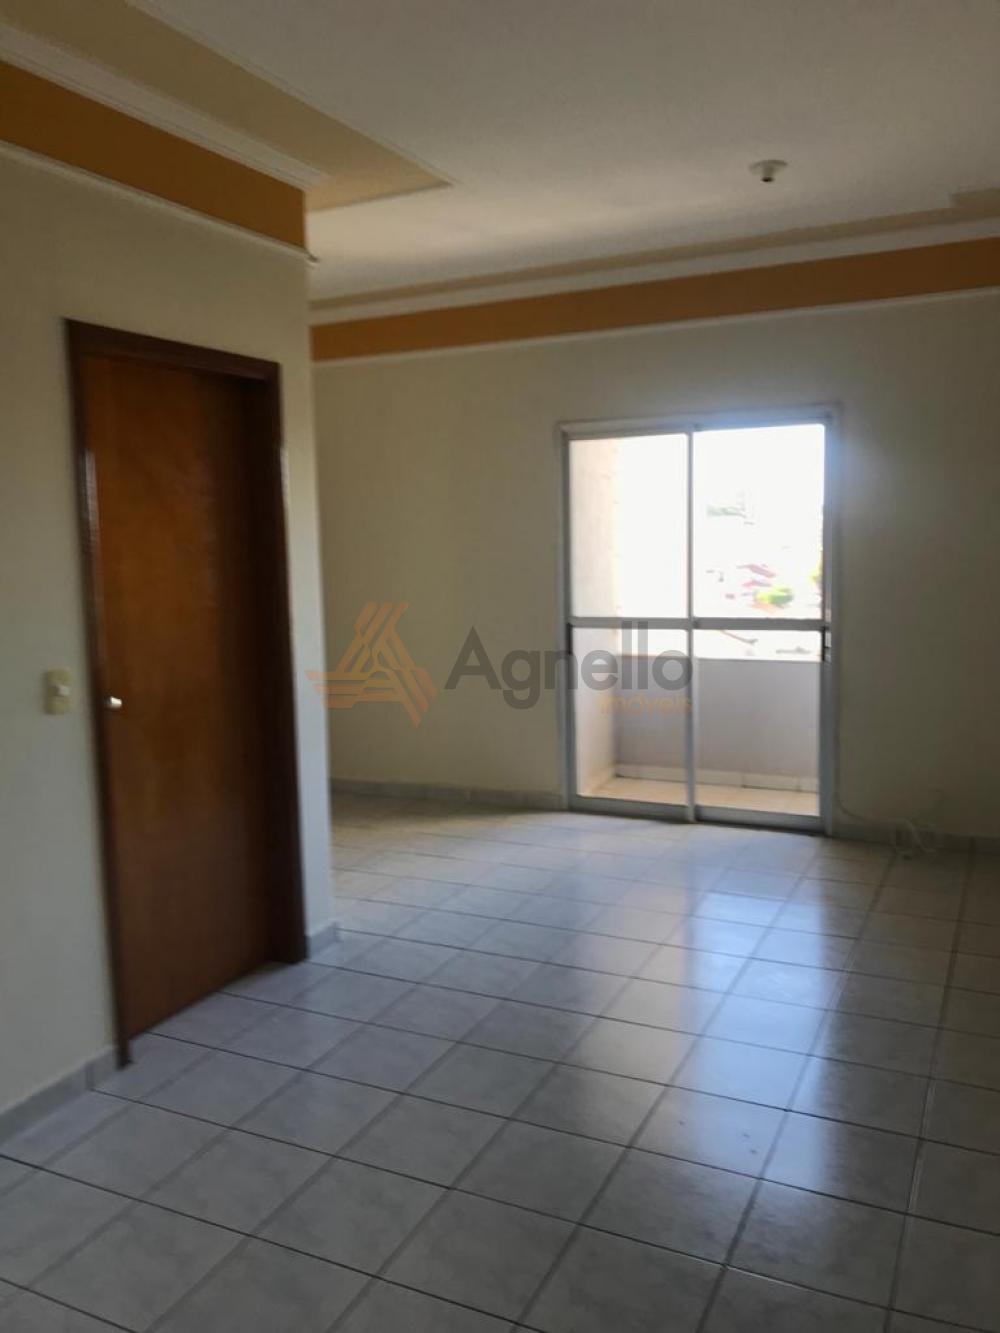 Comprar Apartamento / Padrão em Franca apenas R$ 250.000,00 - Foto 1